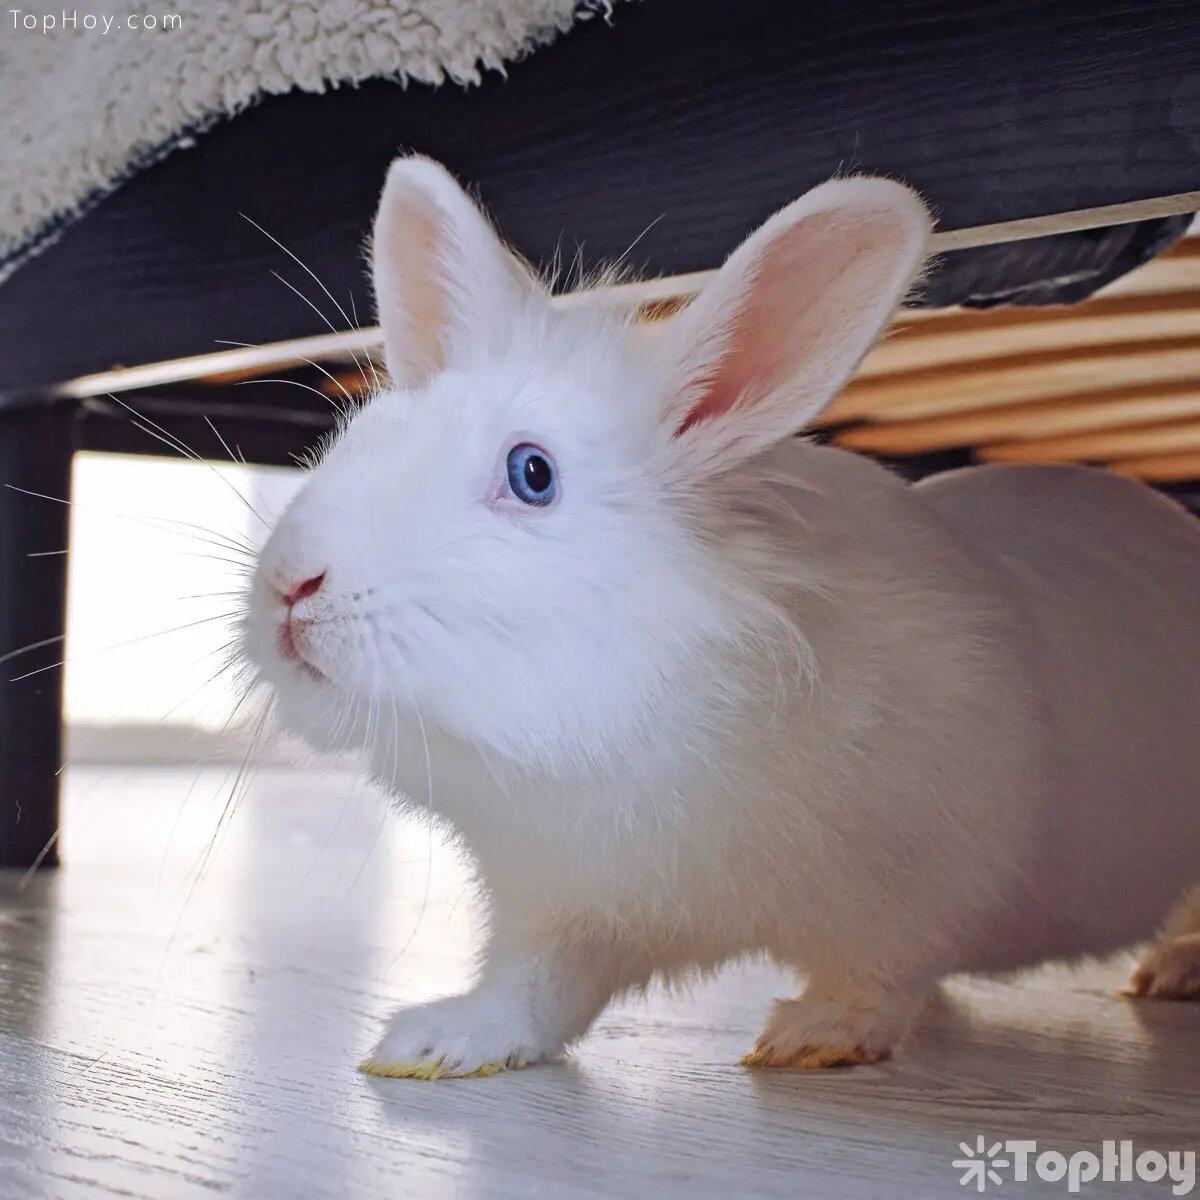 Cuando se tiene un conejo como mascota, los dueños deben modificar partes de su casa con el objetivo de que éstas sea segura para los conejos.